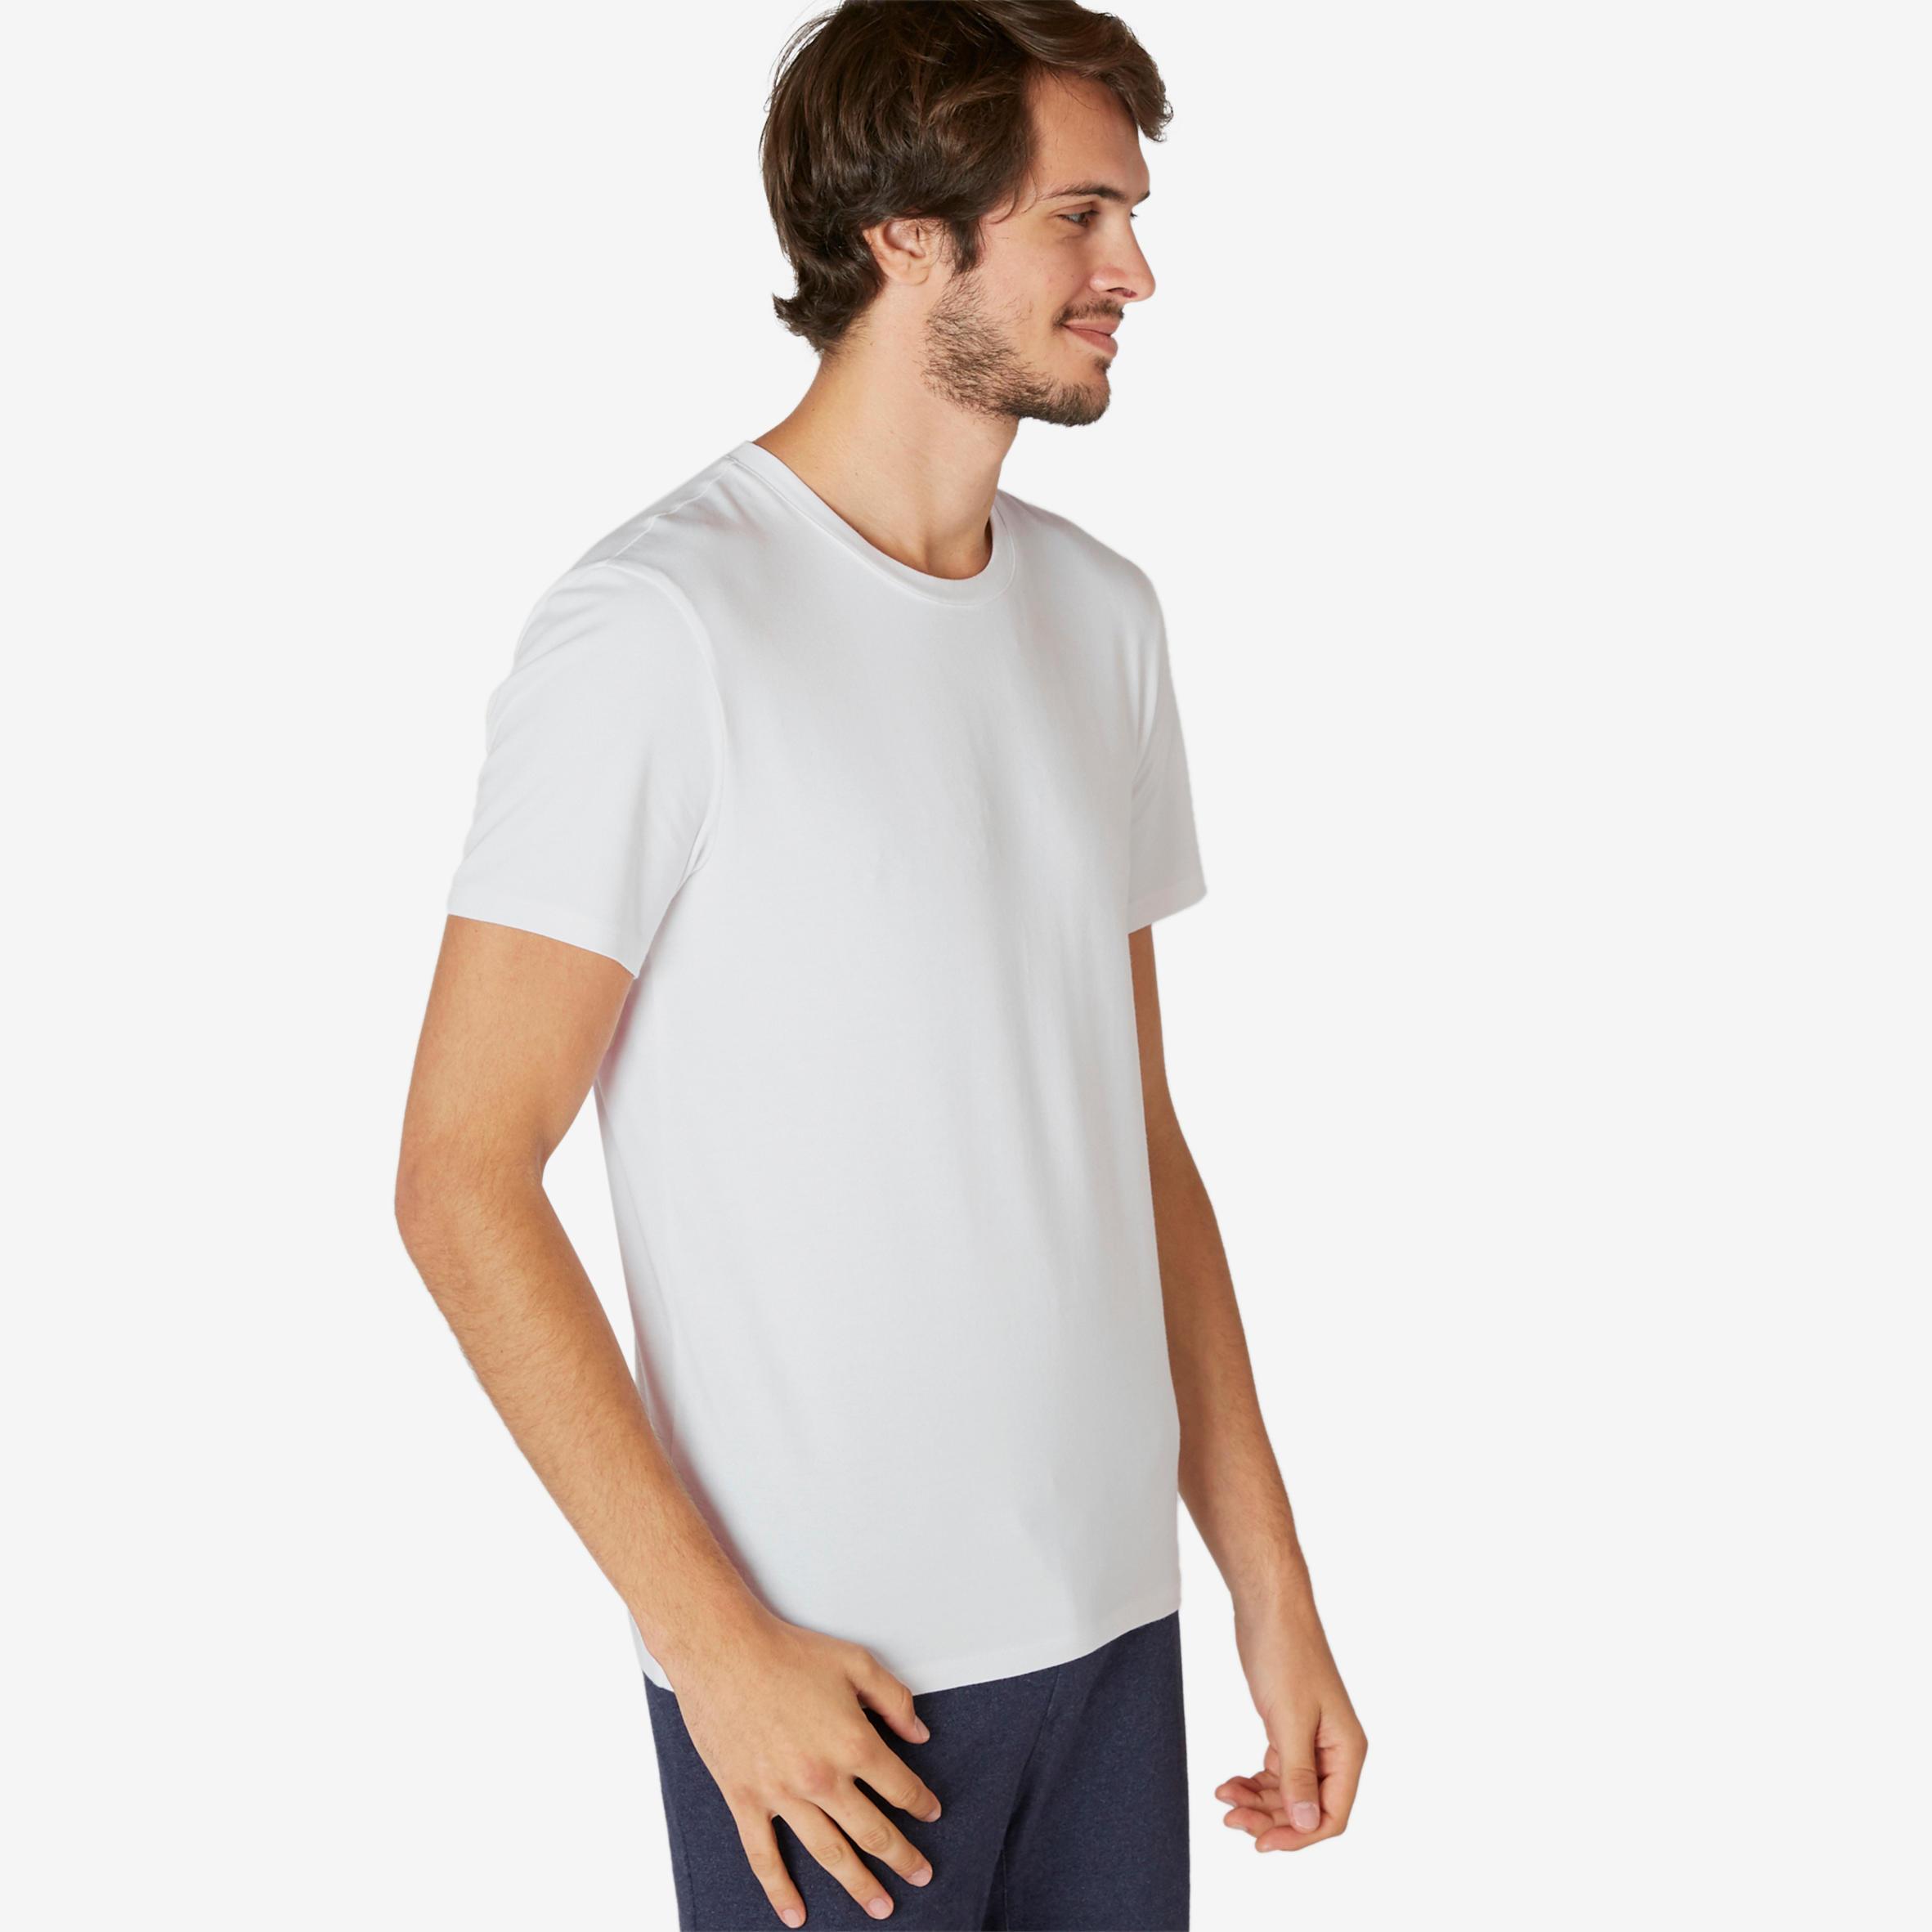 T-Shirt 500 Slim Pilates sanfte Gymnastik Herren weiß mit Print   Sportbekleidung > Sportshirts > Poloshirts   Nyamba